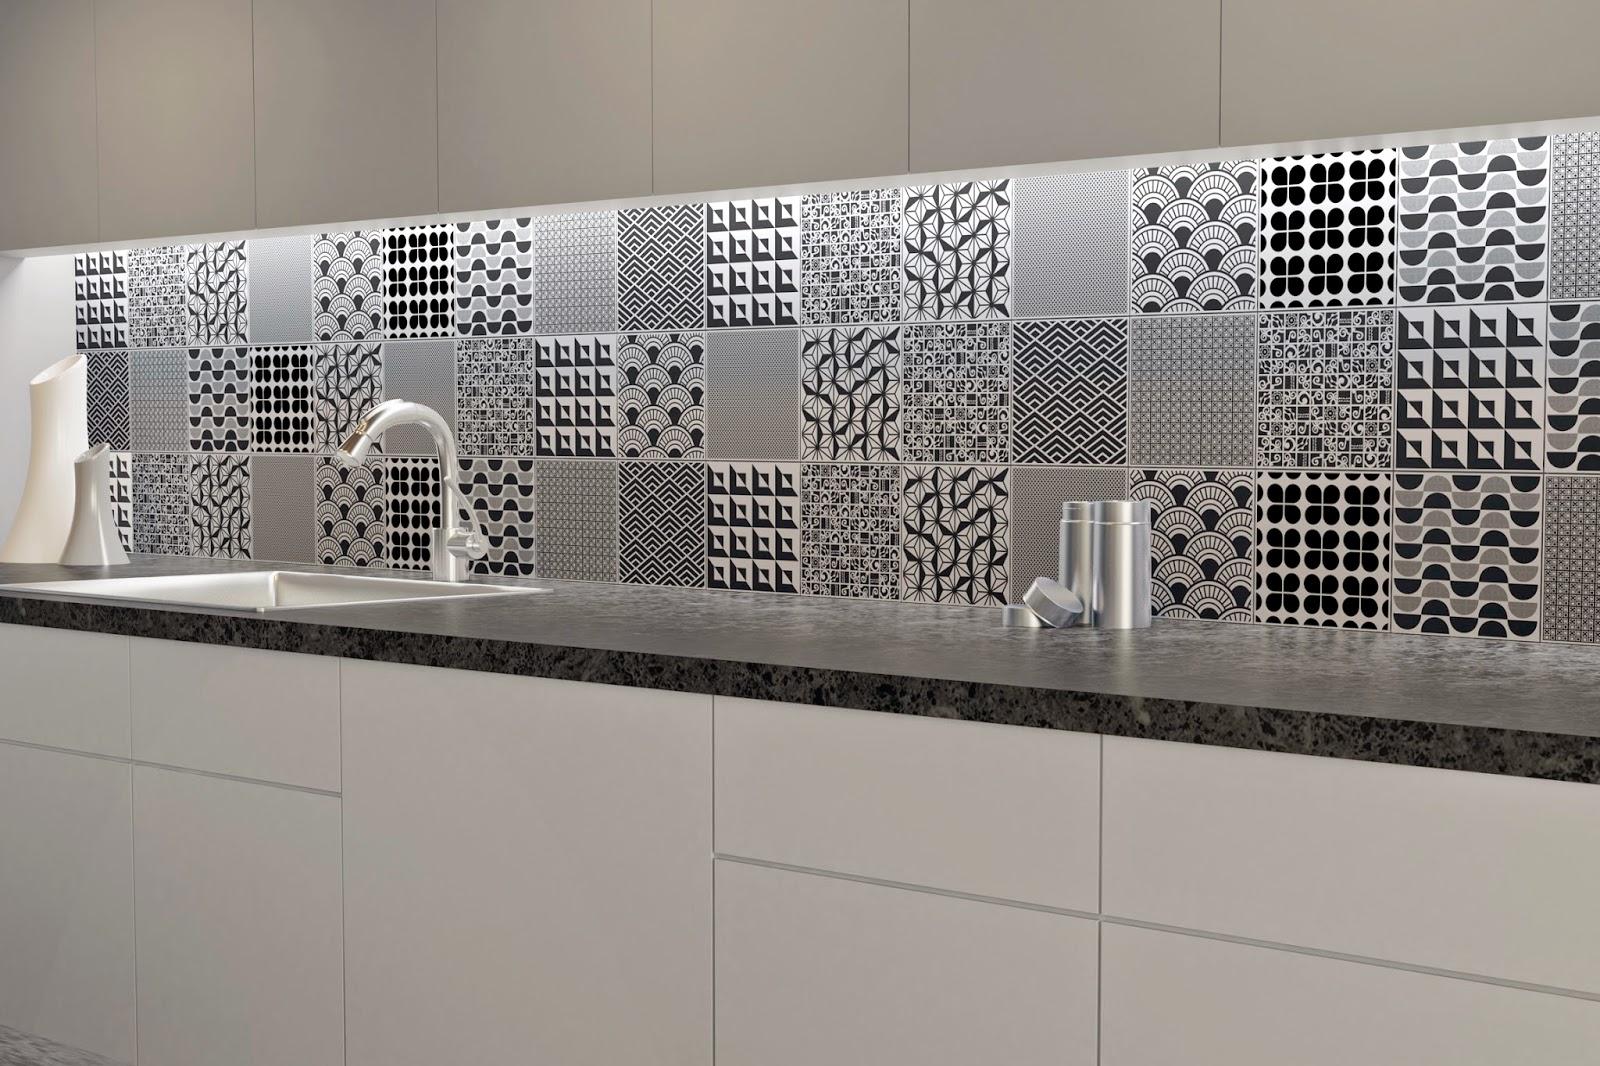 projeto de ambiente com azulejos da linha Culture - lançamentos 2015 da Cerâmica Portinari